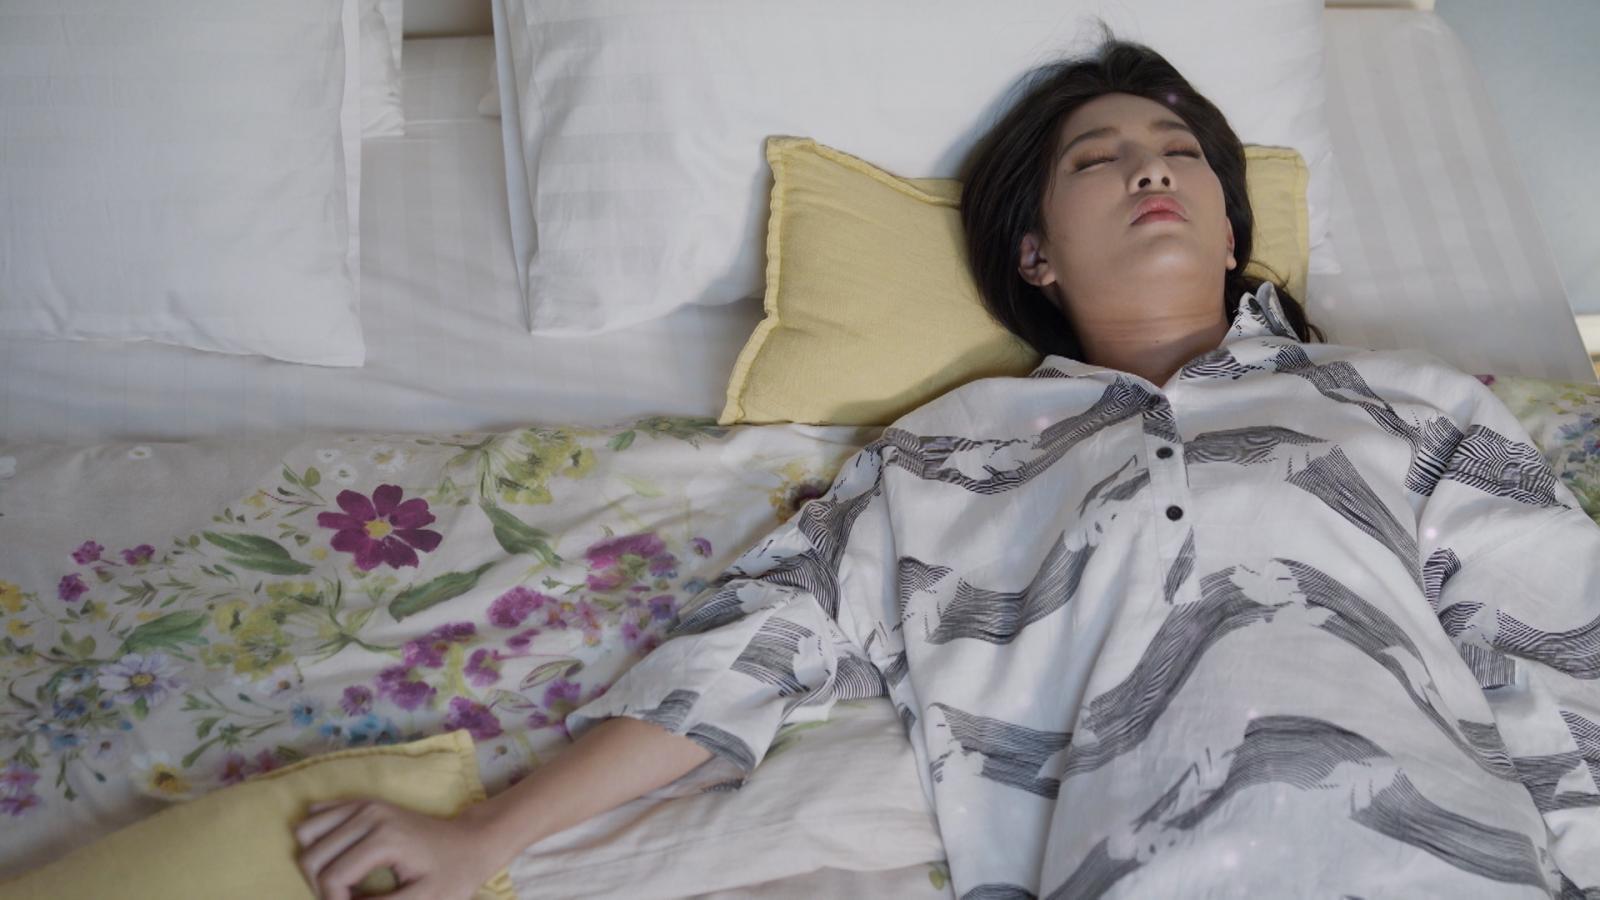 ฟินสุด | ตื่นมากลายเป็นอีกคน | กลับไปสู่วันฝัน EP.3 | PPTV HD 36